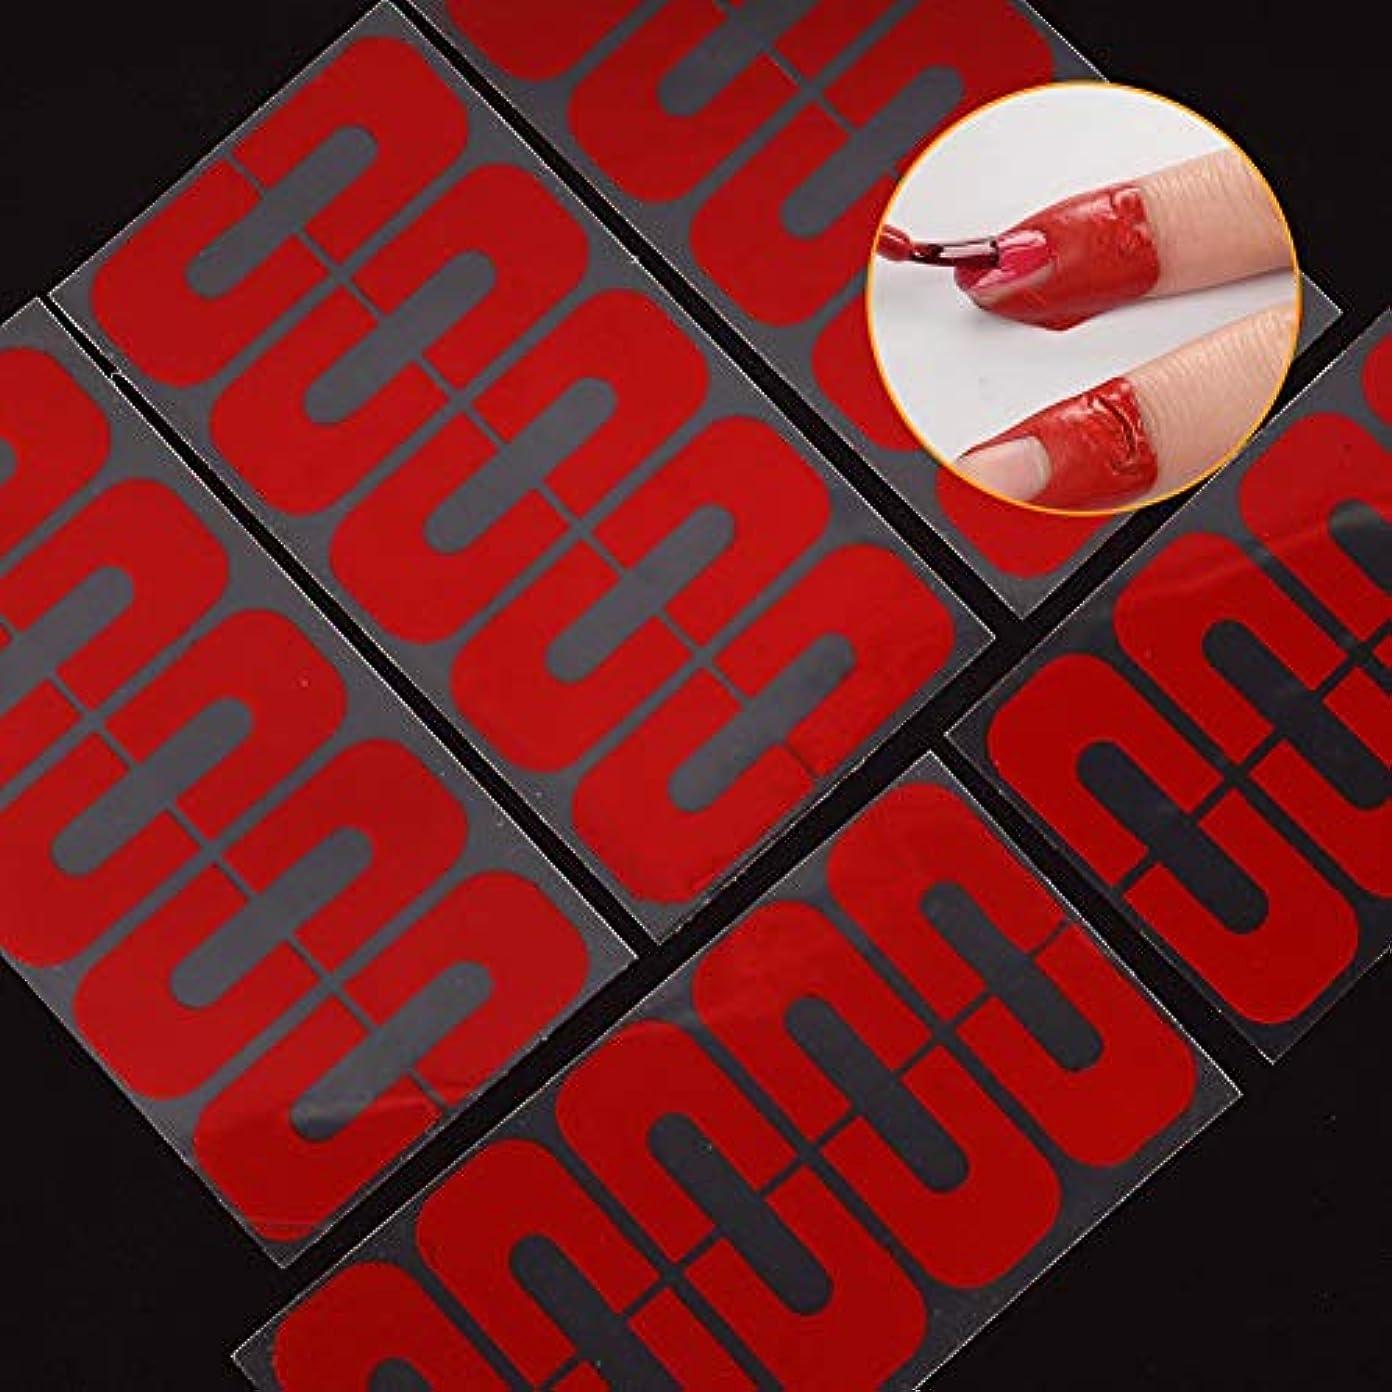 同一の弱めるエロチックhamulekfae-50個使い捨てU字型こぼれ防止ネイルプロテクター弾性指カバーステッカー - 赤50個Red50pcs